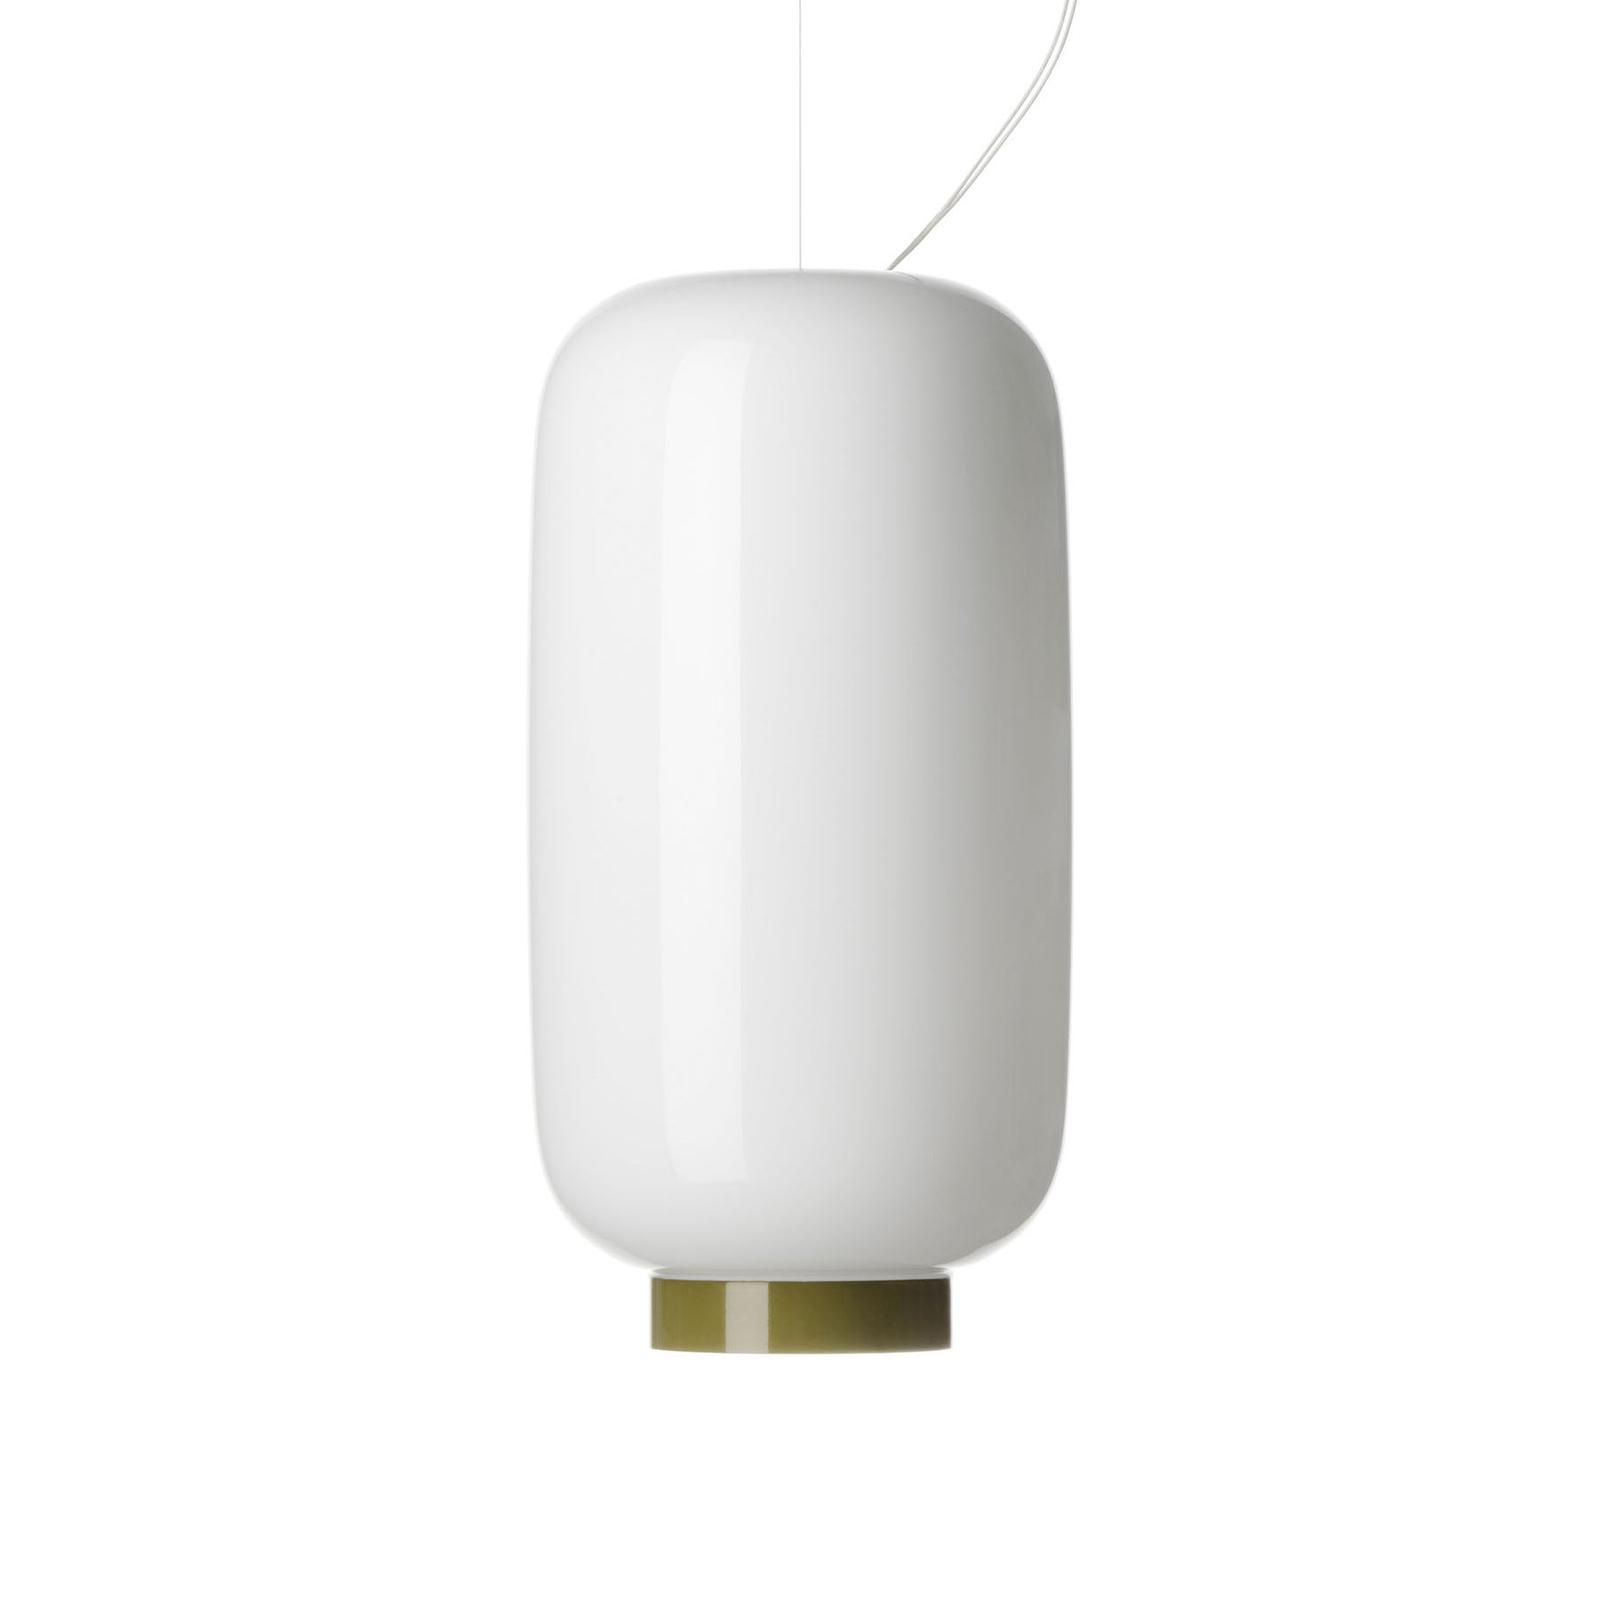 Foscarini MyLight Chouchin Reverse 2 lampa wisząca